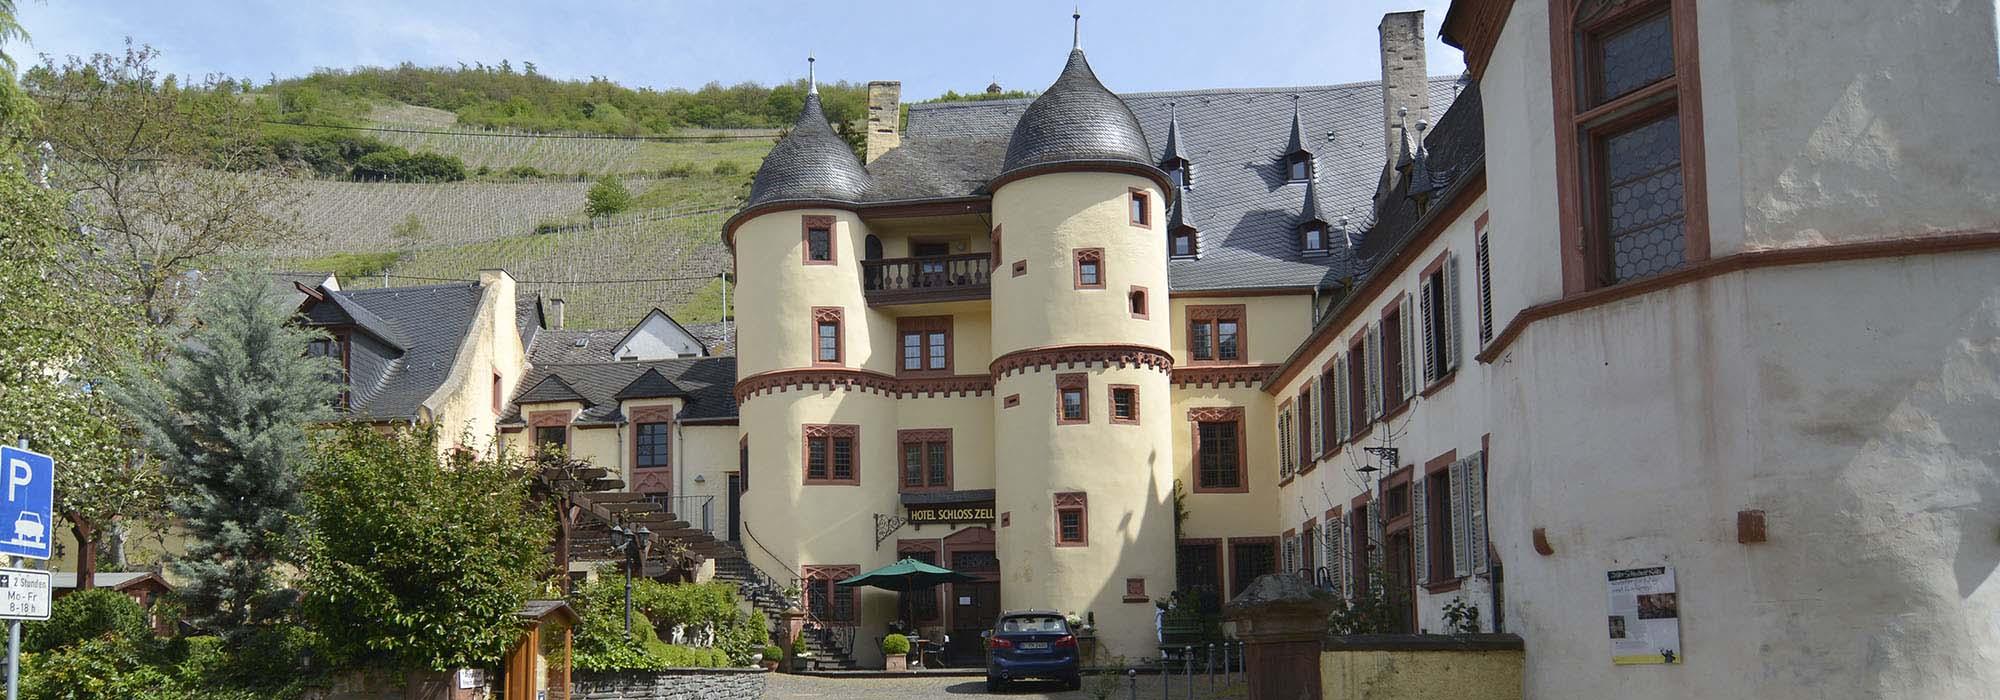 SchlossZell_ARN1182